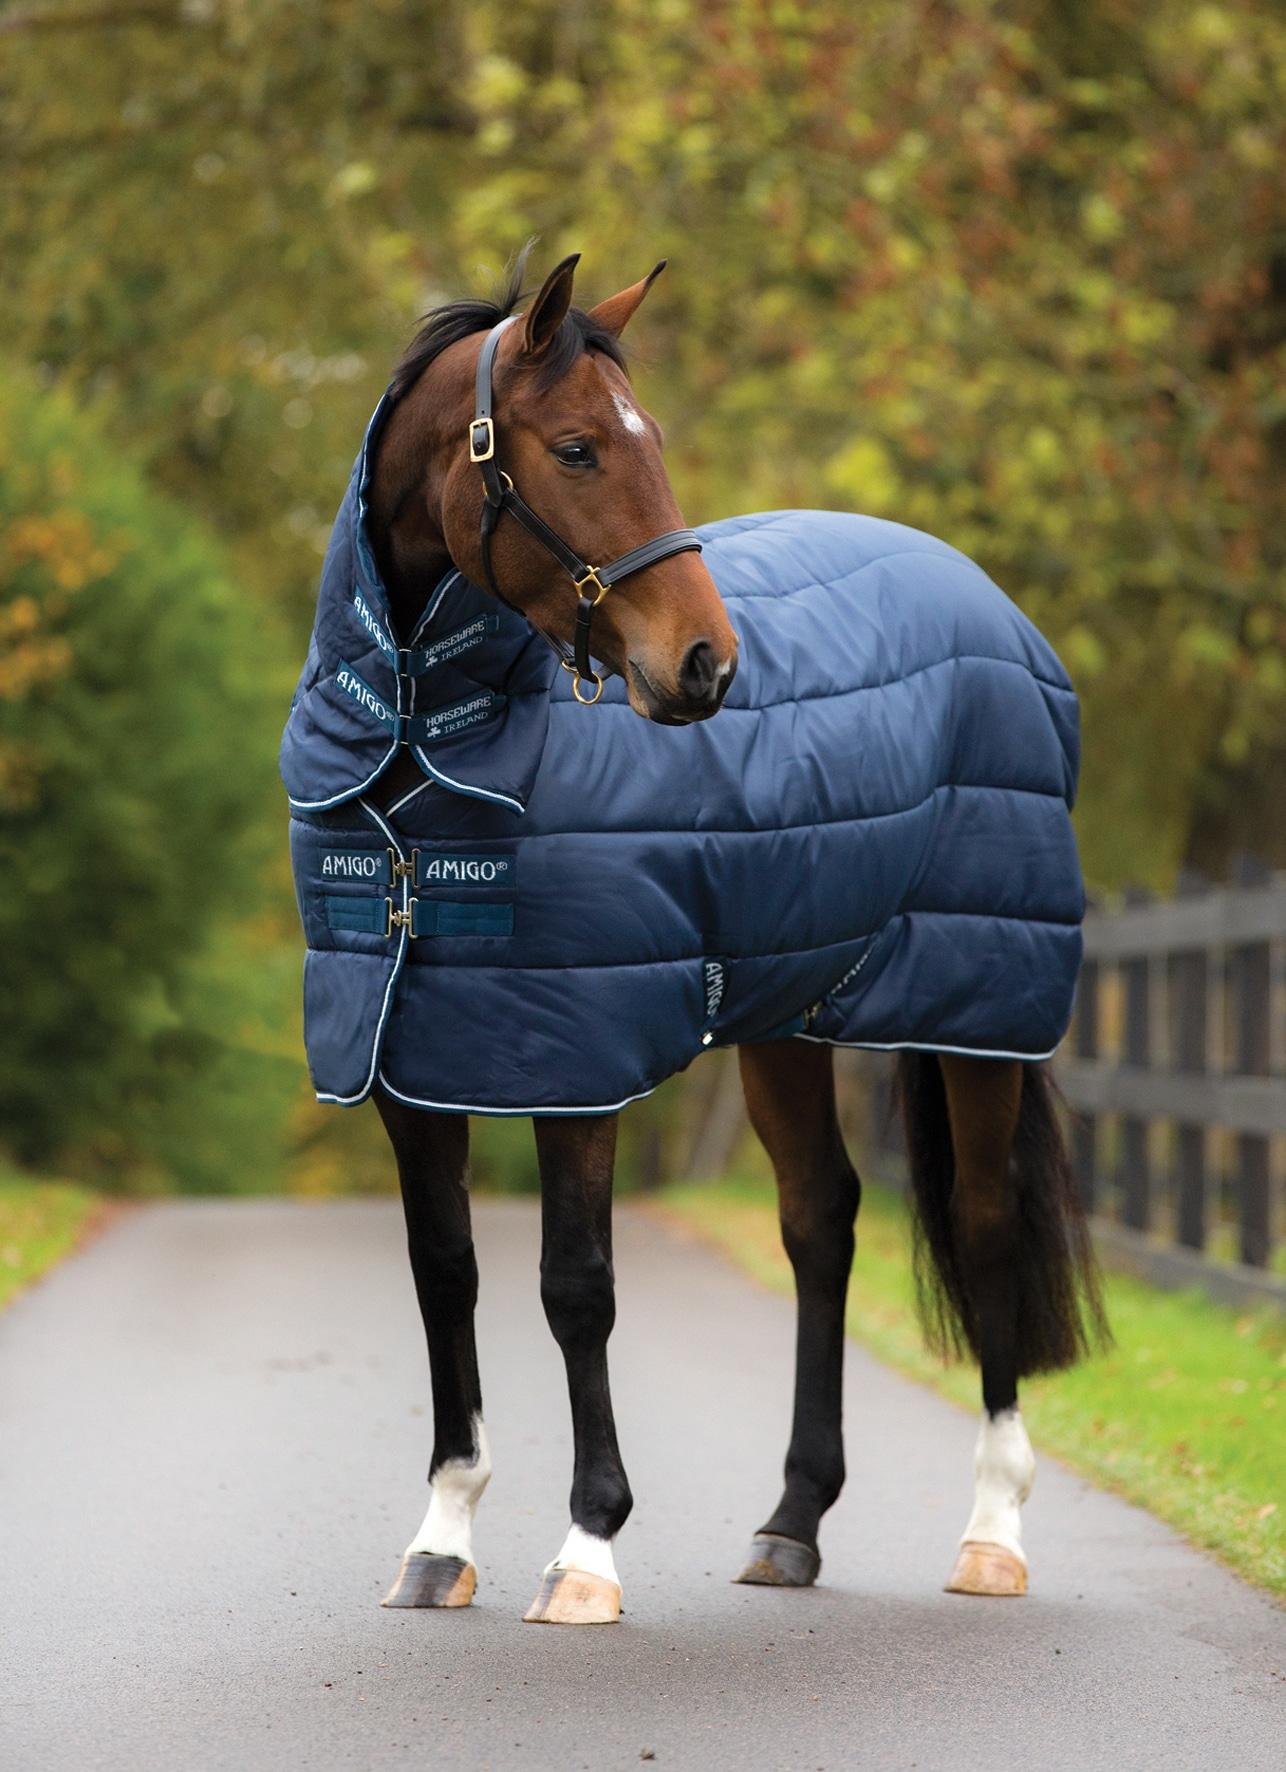 Horseware Amigo Insulator, tykt dekken (inkl hals), 350g